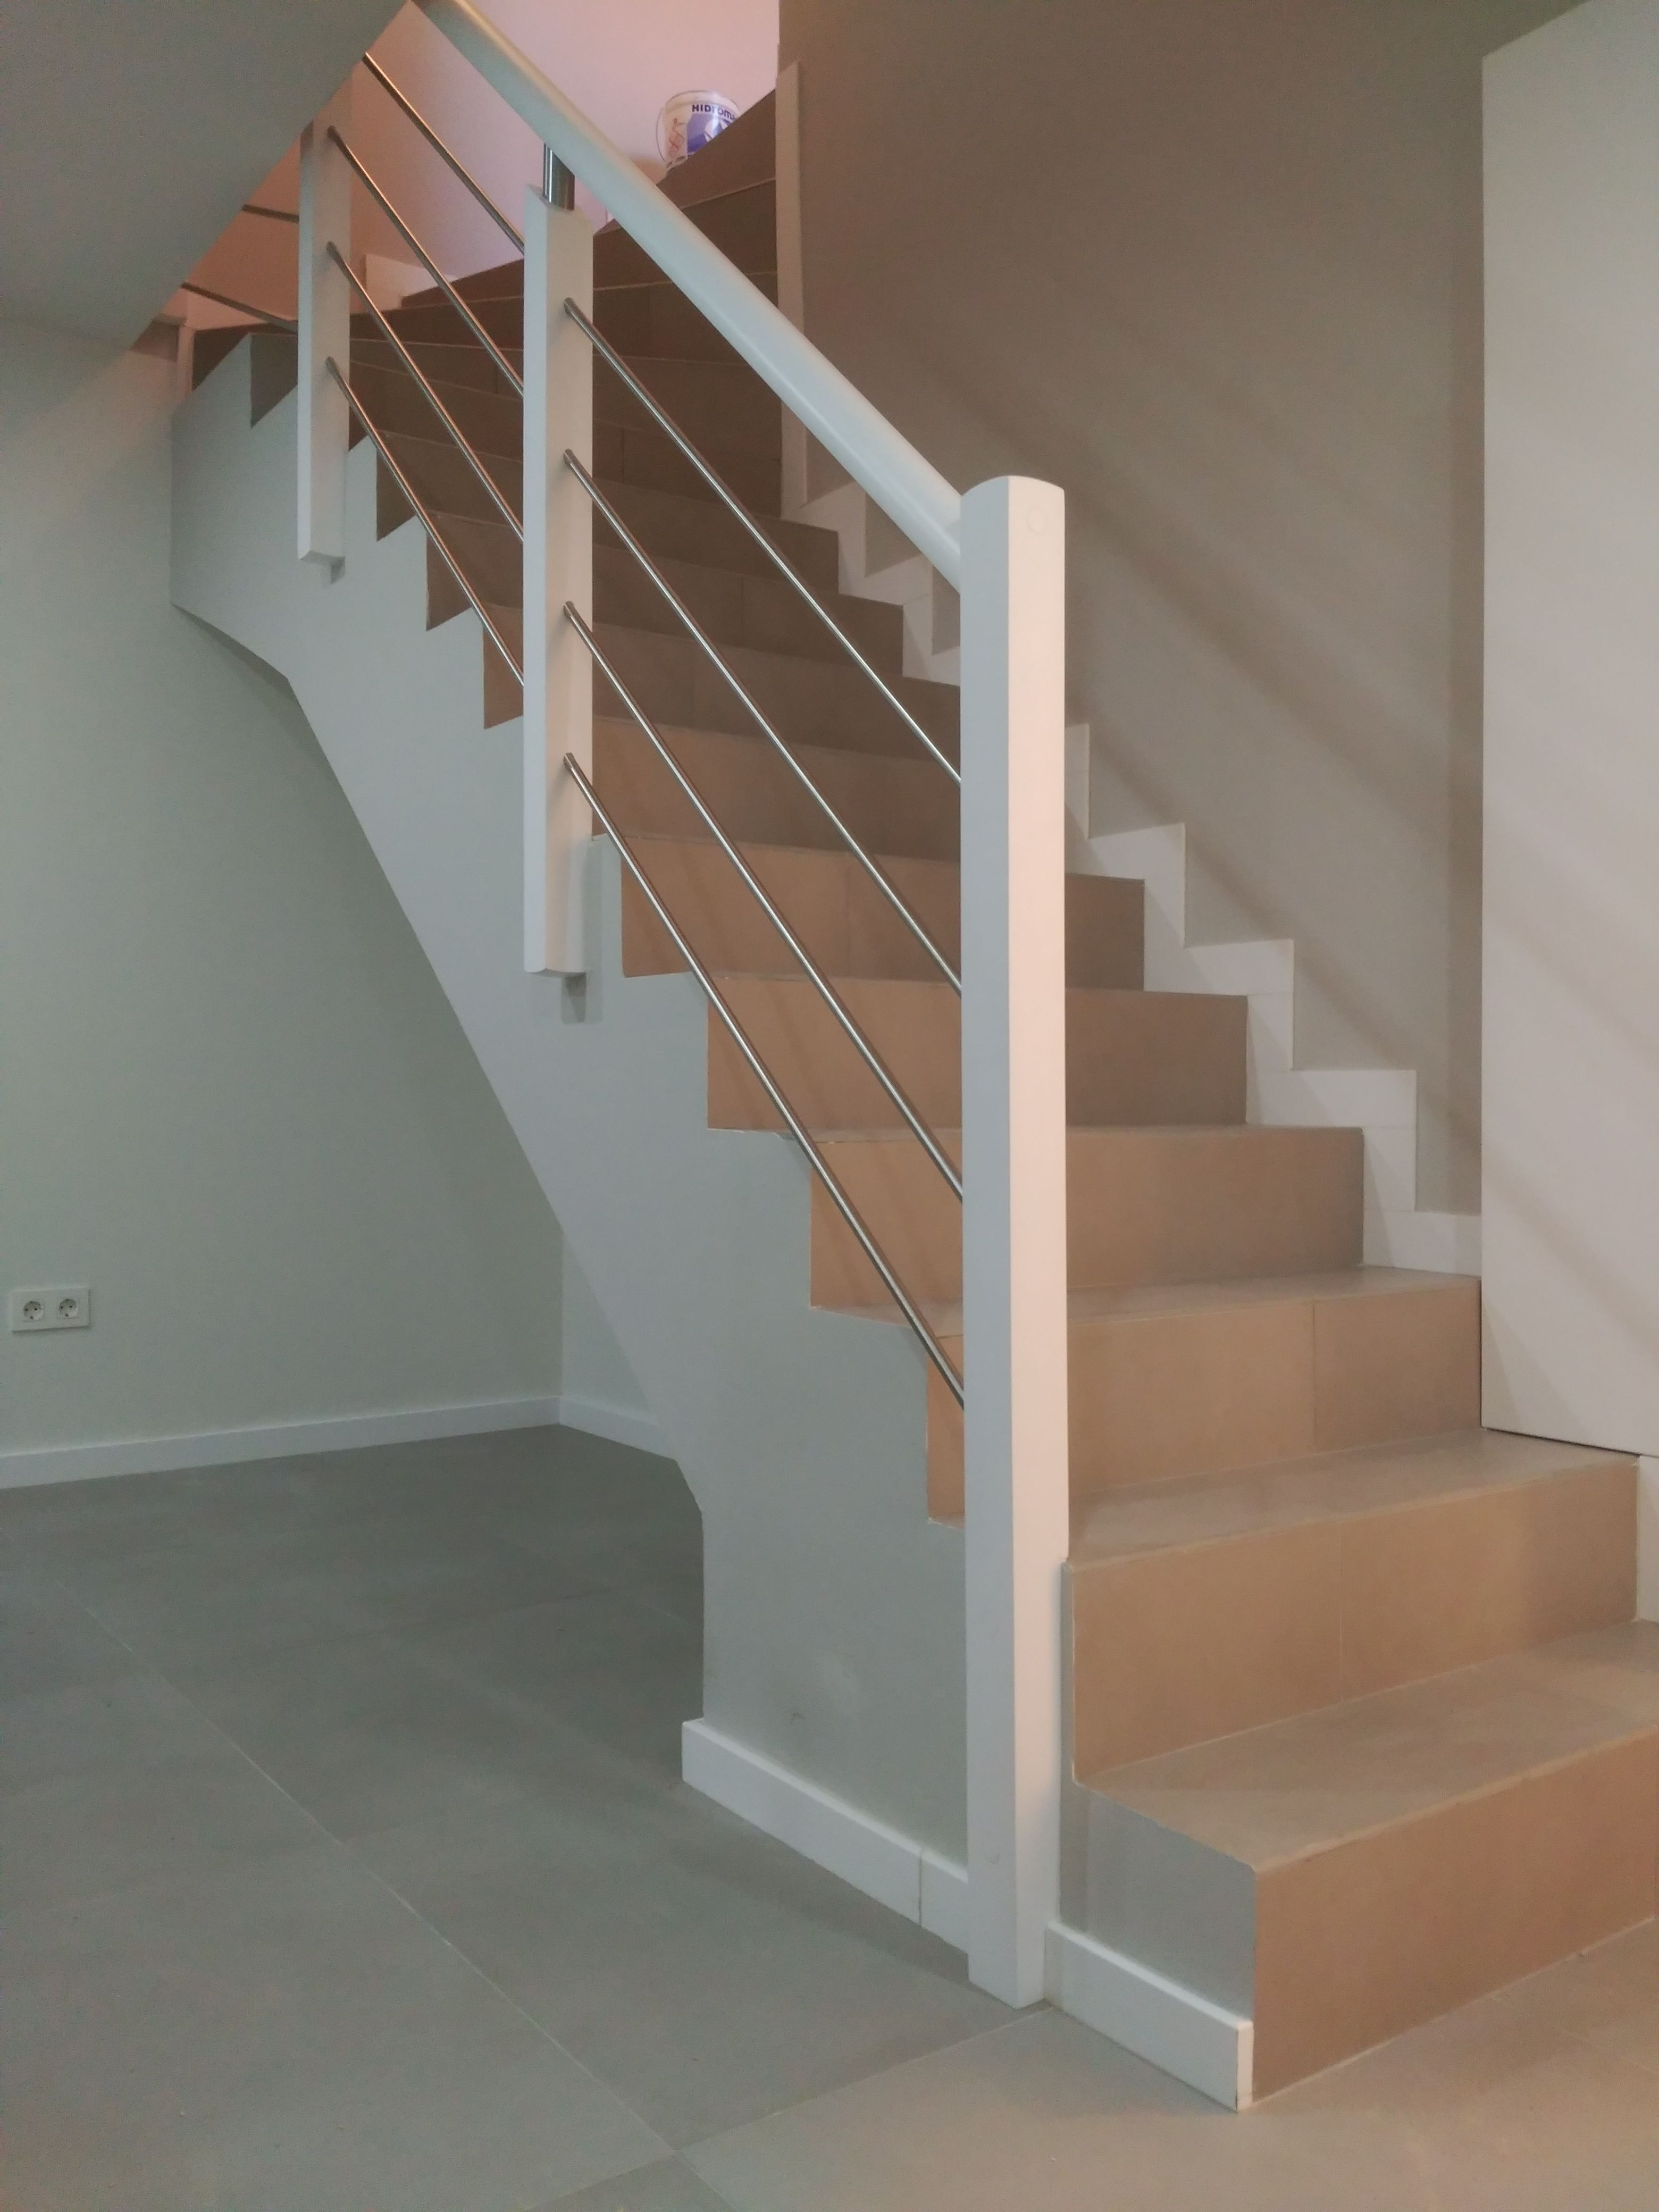 Barandilla para escalera de obra pinterest barandas - Barandillas madera exterior ...